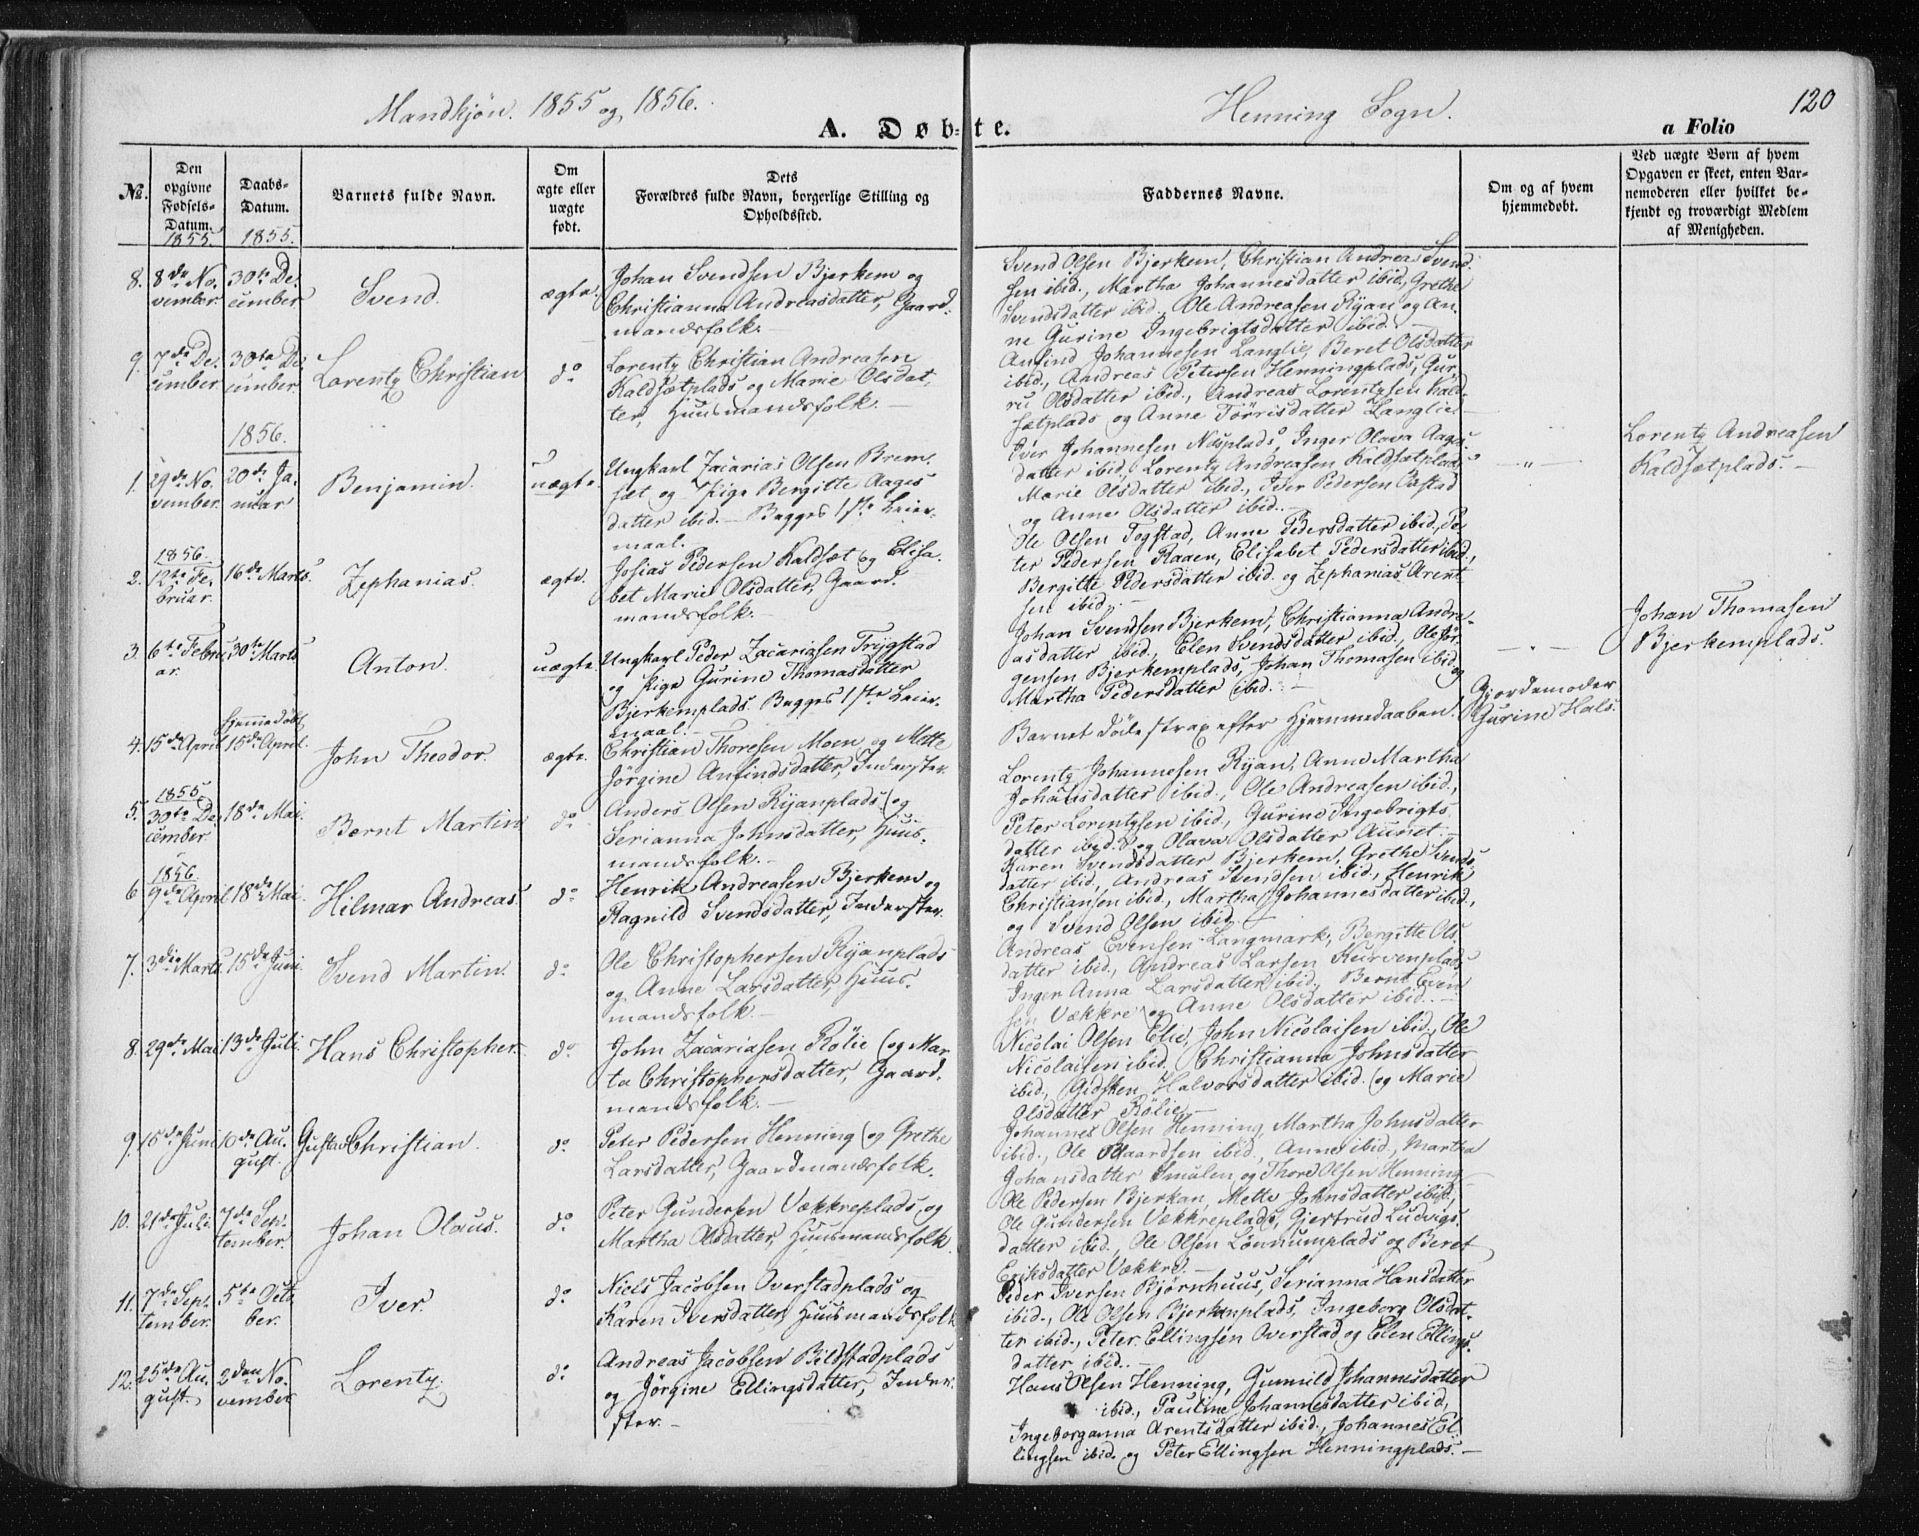 SAT, Ministerialprotokoller, klokkerbøker og fødselsregistre - Nord-Trøndelag, 735/L0342: Ministerialbok nr. 735A07 /3, 1849-1862, s. 120